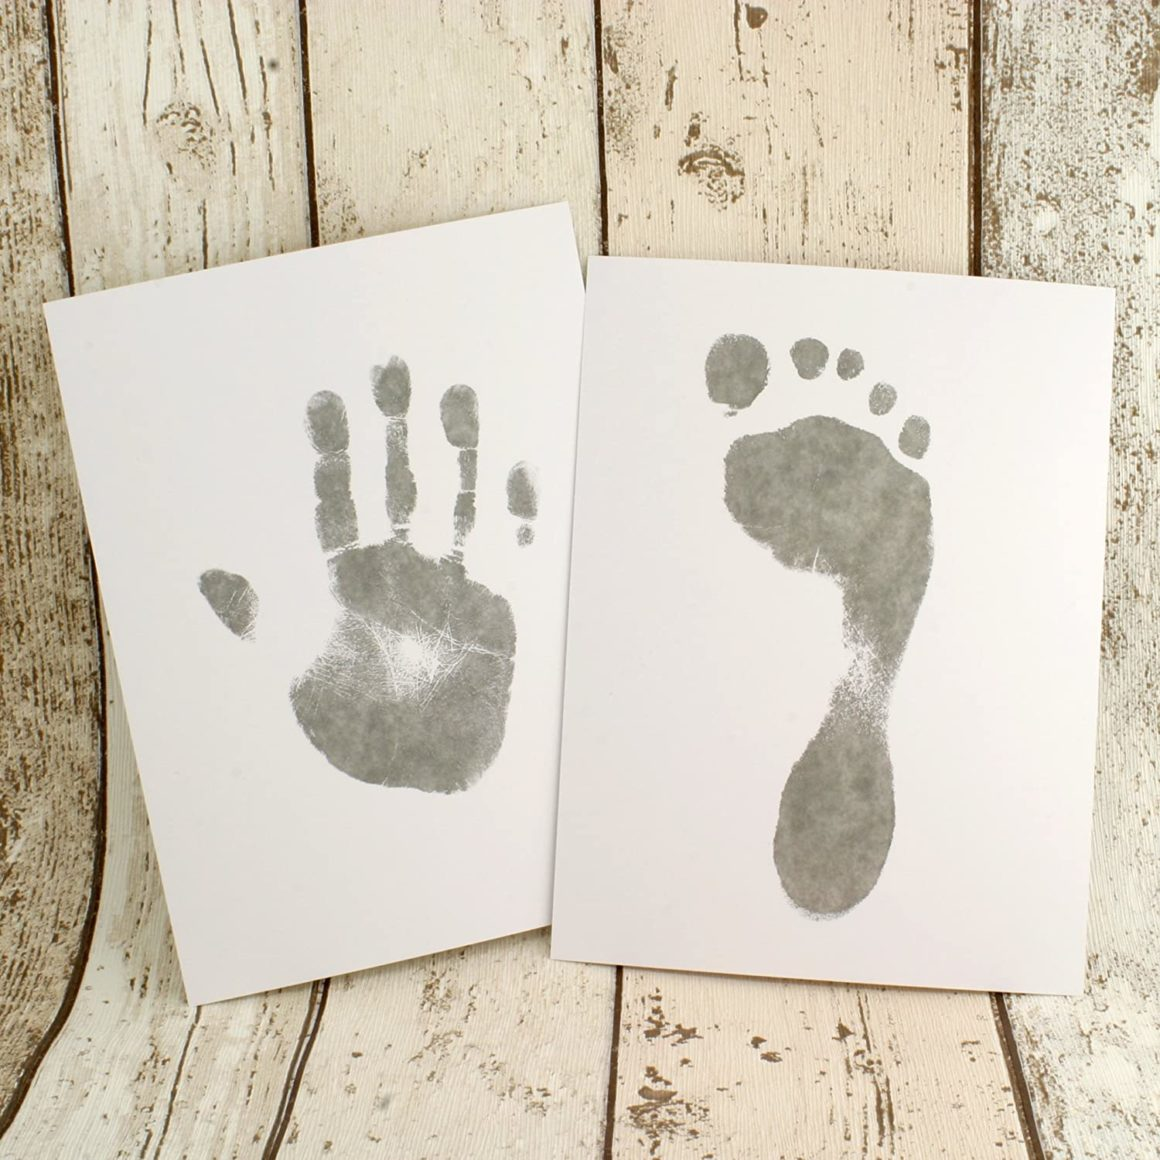 Kit dempreintes de pieds et de mains de bébé avec 8 feuilles sans encre et 2 lingettes